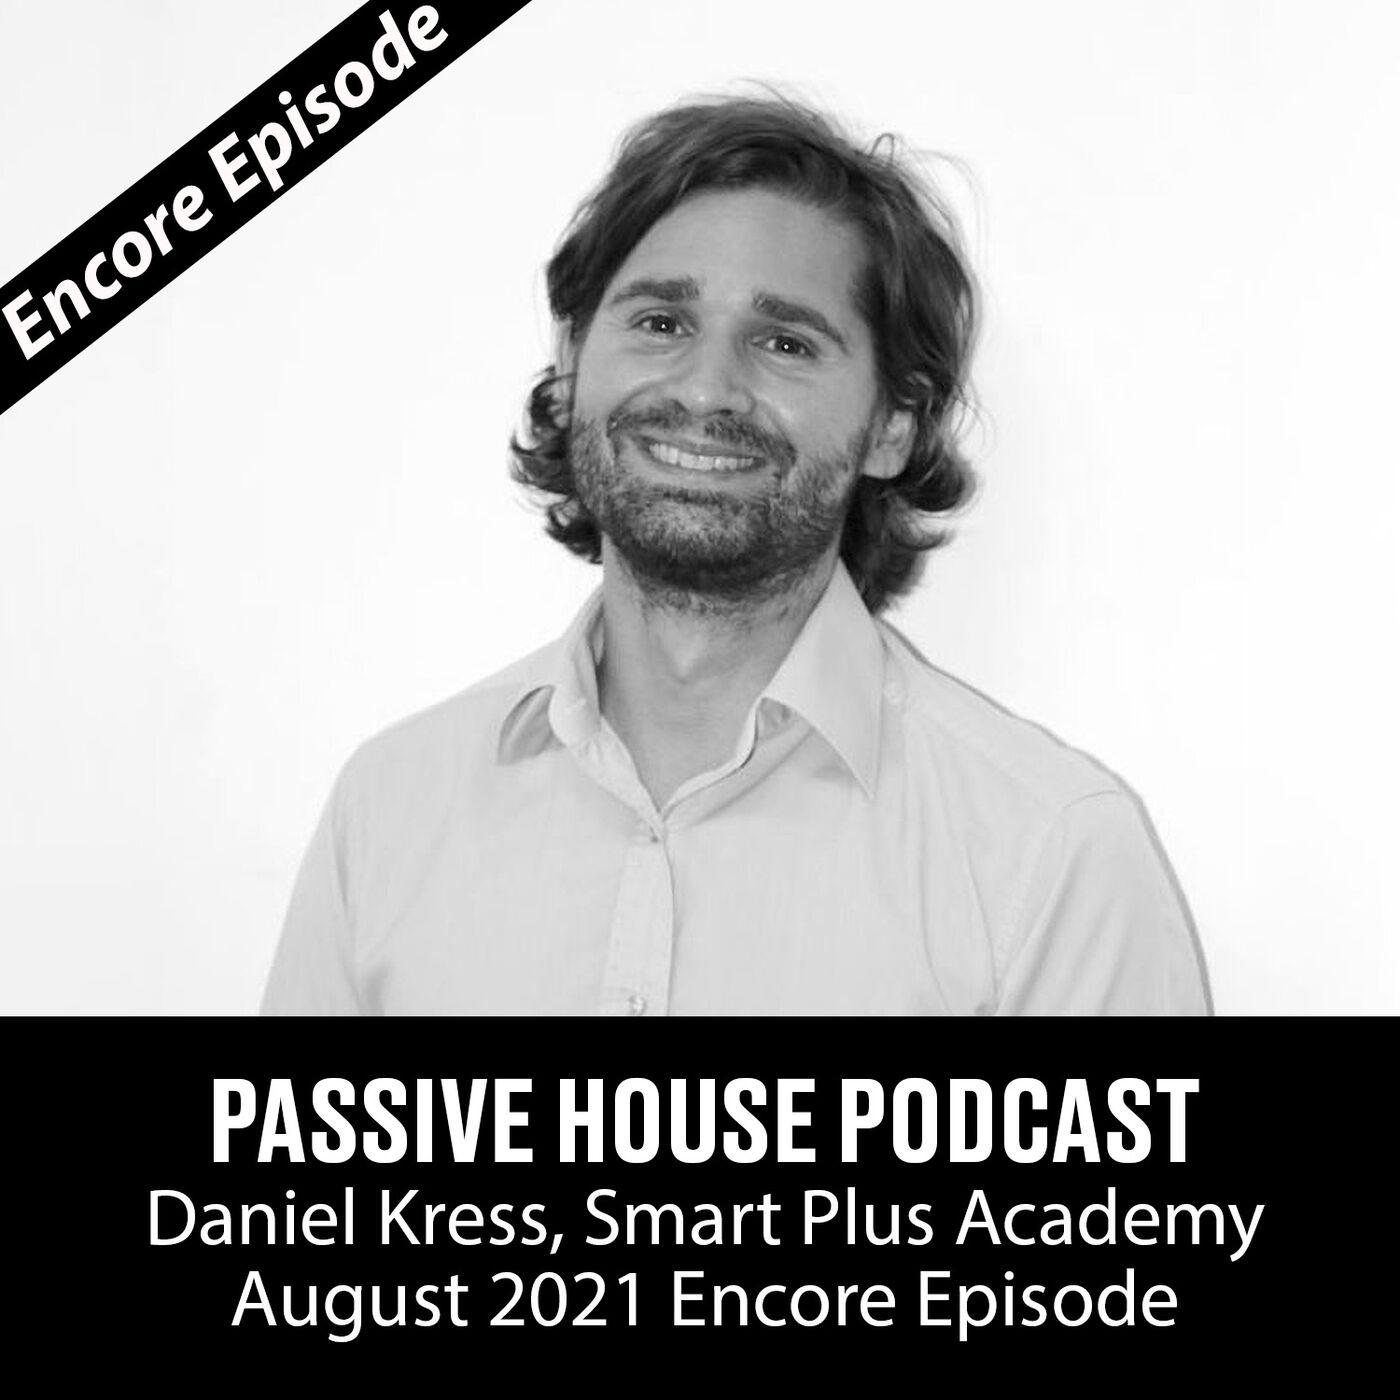 Encore: Daniel Kress, Smart Plus Academy